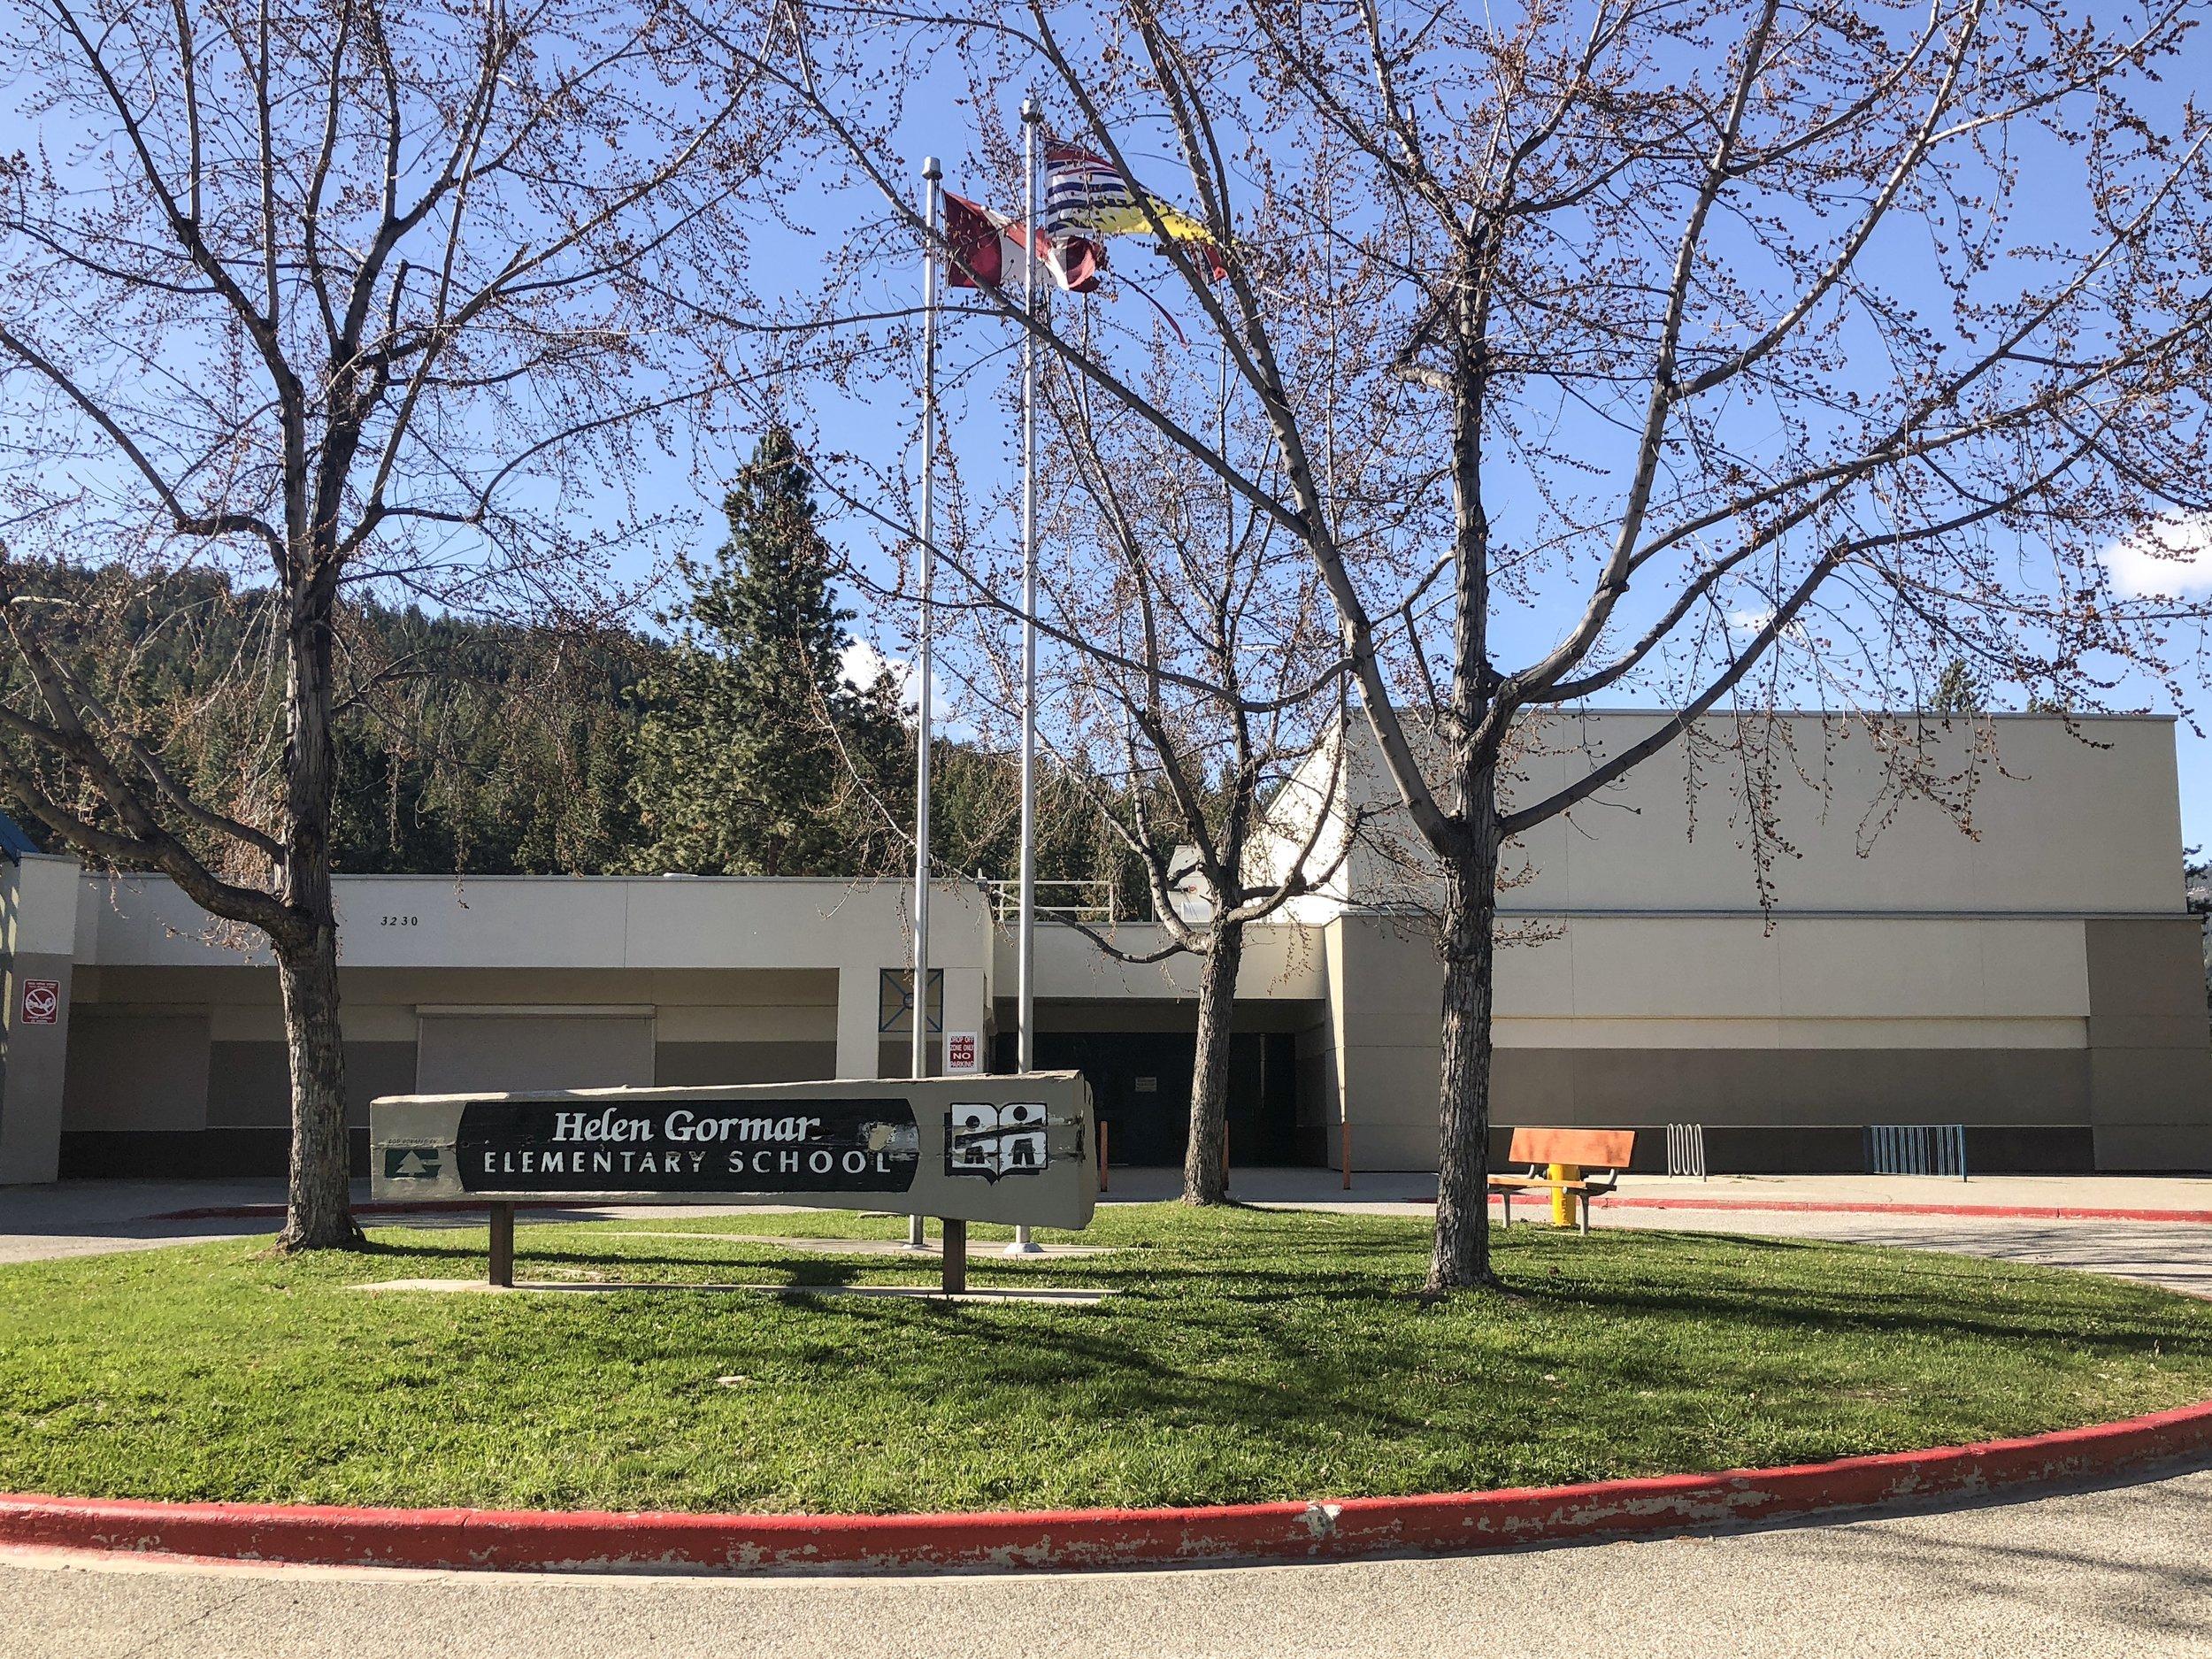 helen-gorman-elementary-school-west-kelowna.jpg